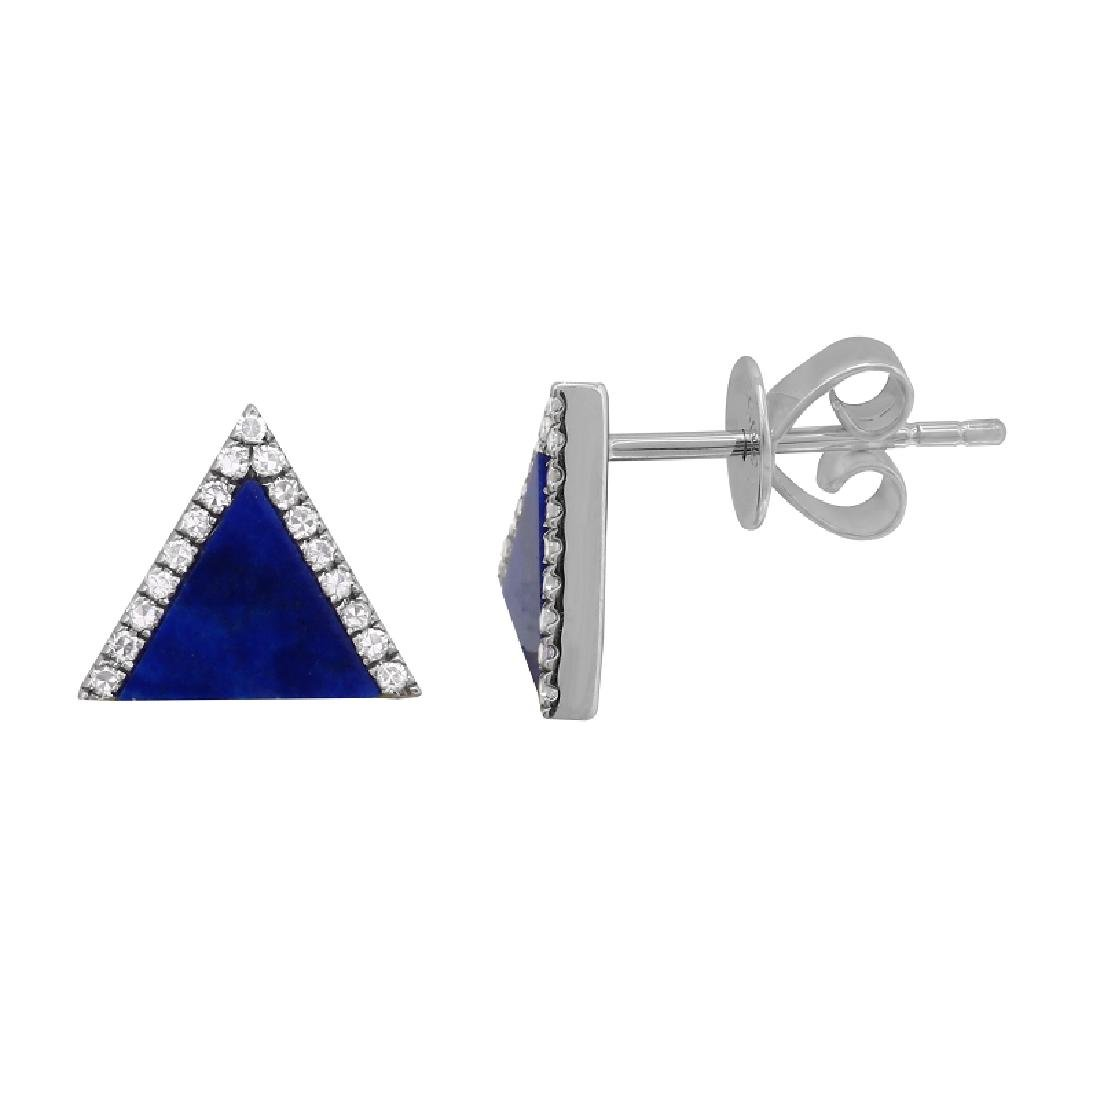 14KT White Gold Gemstone Earrings - 2